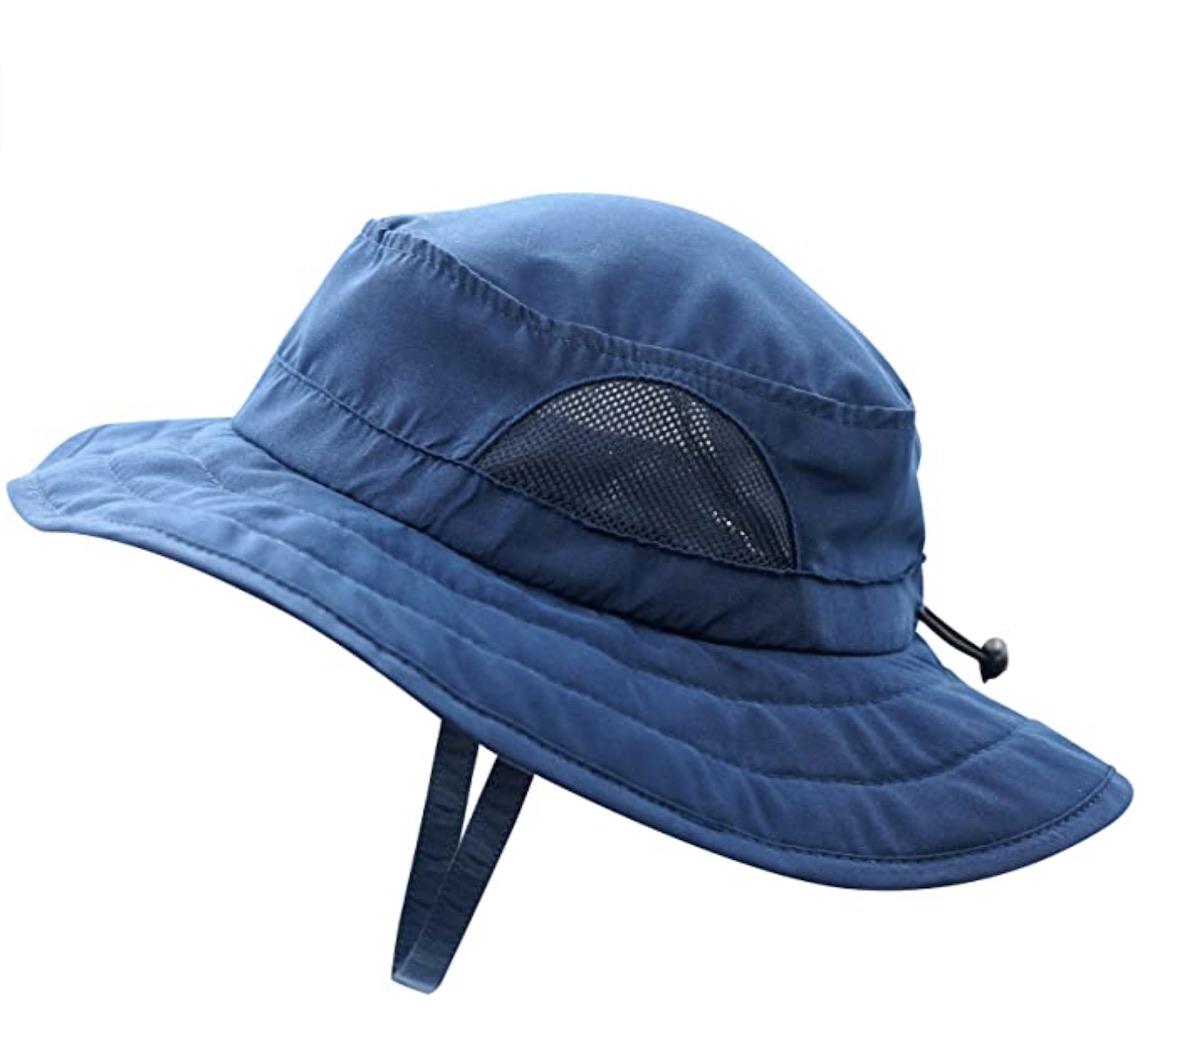 Kids UPF 50+ Bucket Sun Hat UV Sun Protection Hats Summer Play Hat